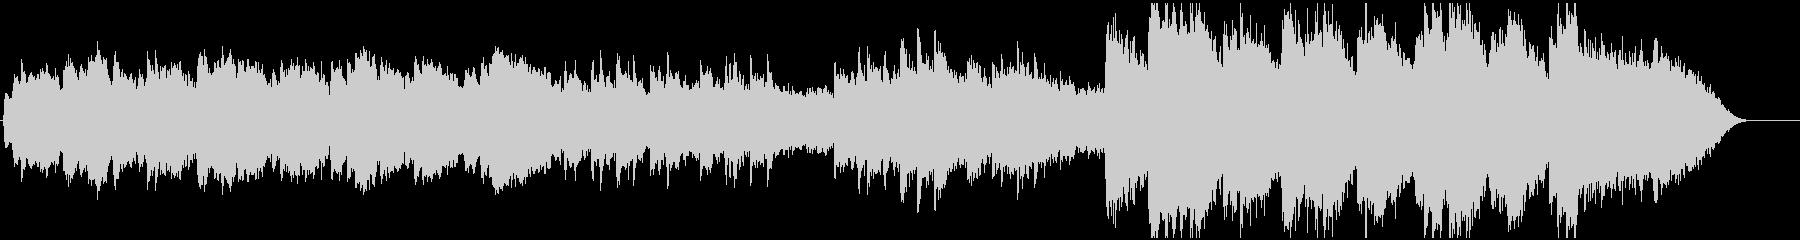 ノスタルジックで感動的なBGMの未再生の波形